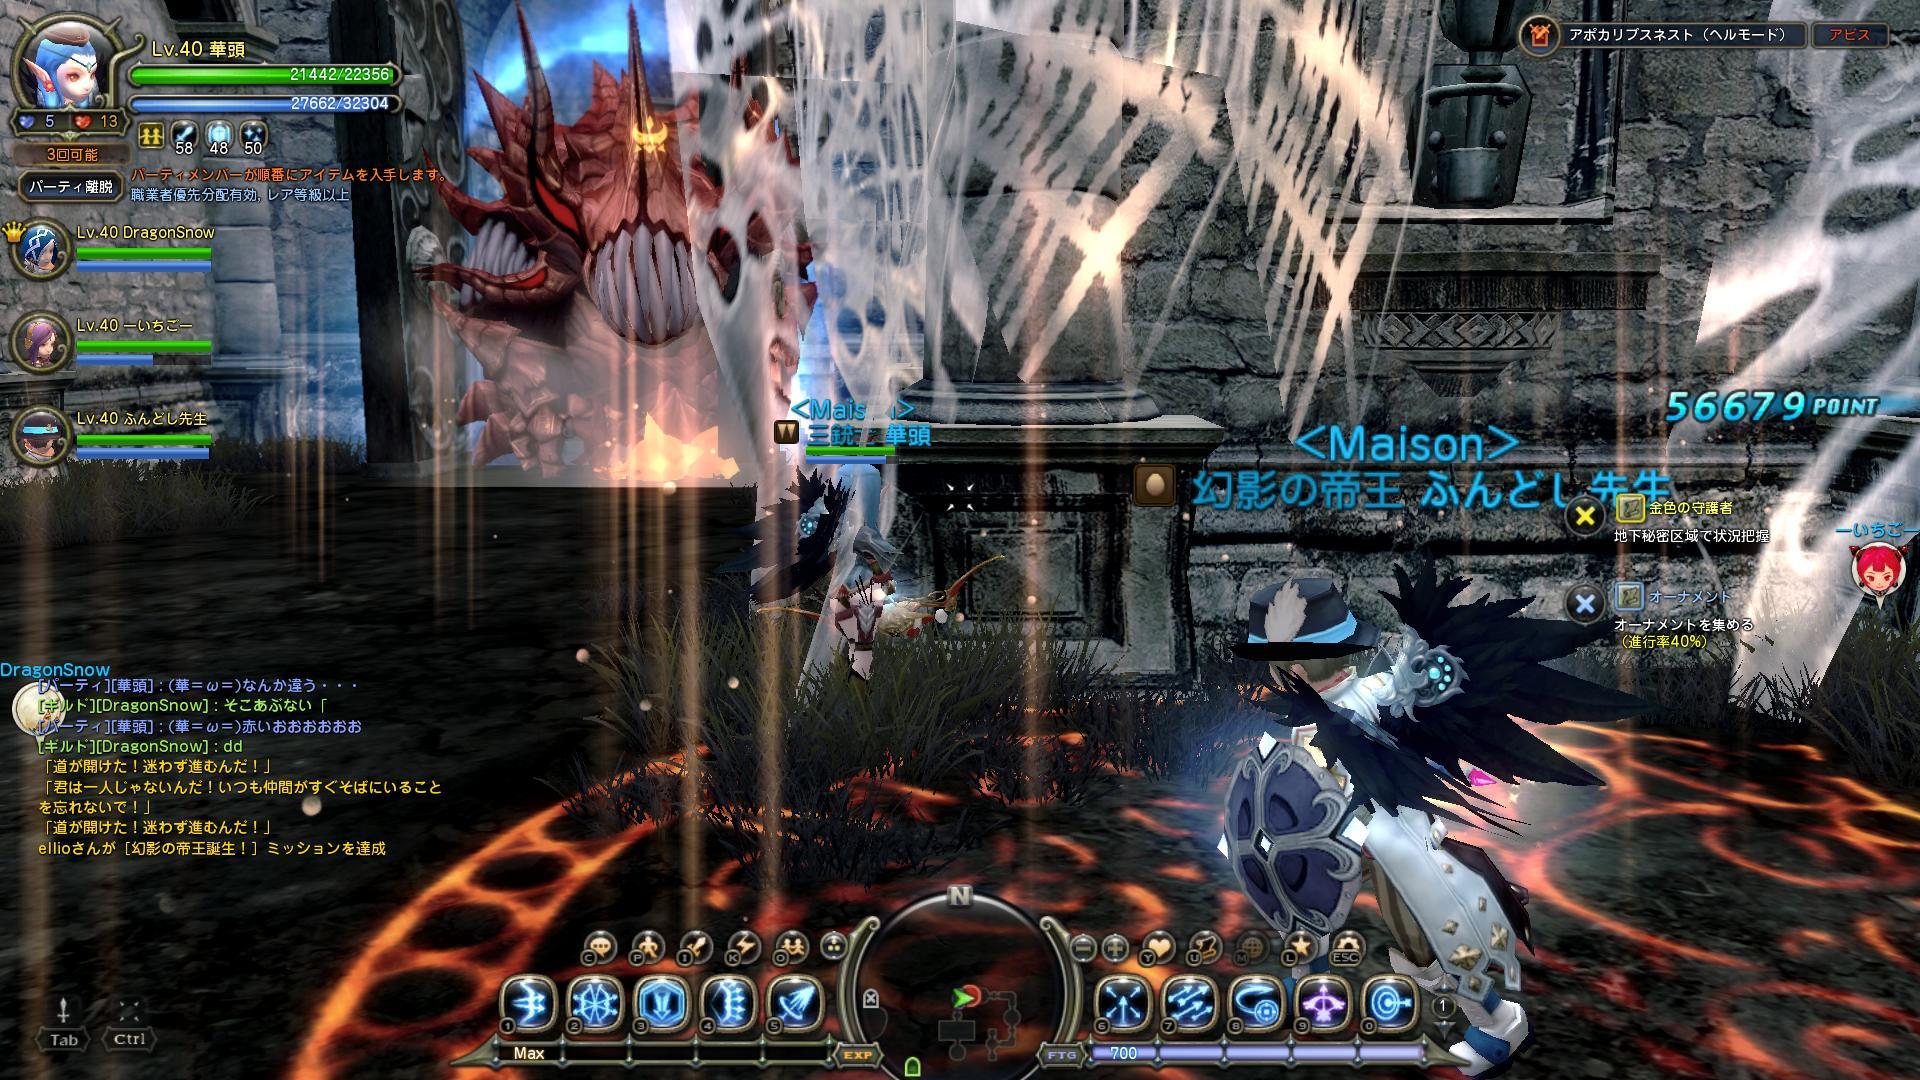 DN 2010-12-28 08-10-03 Tue